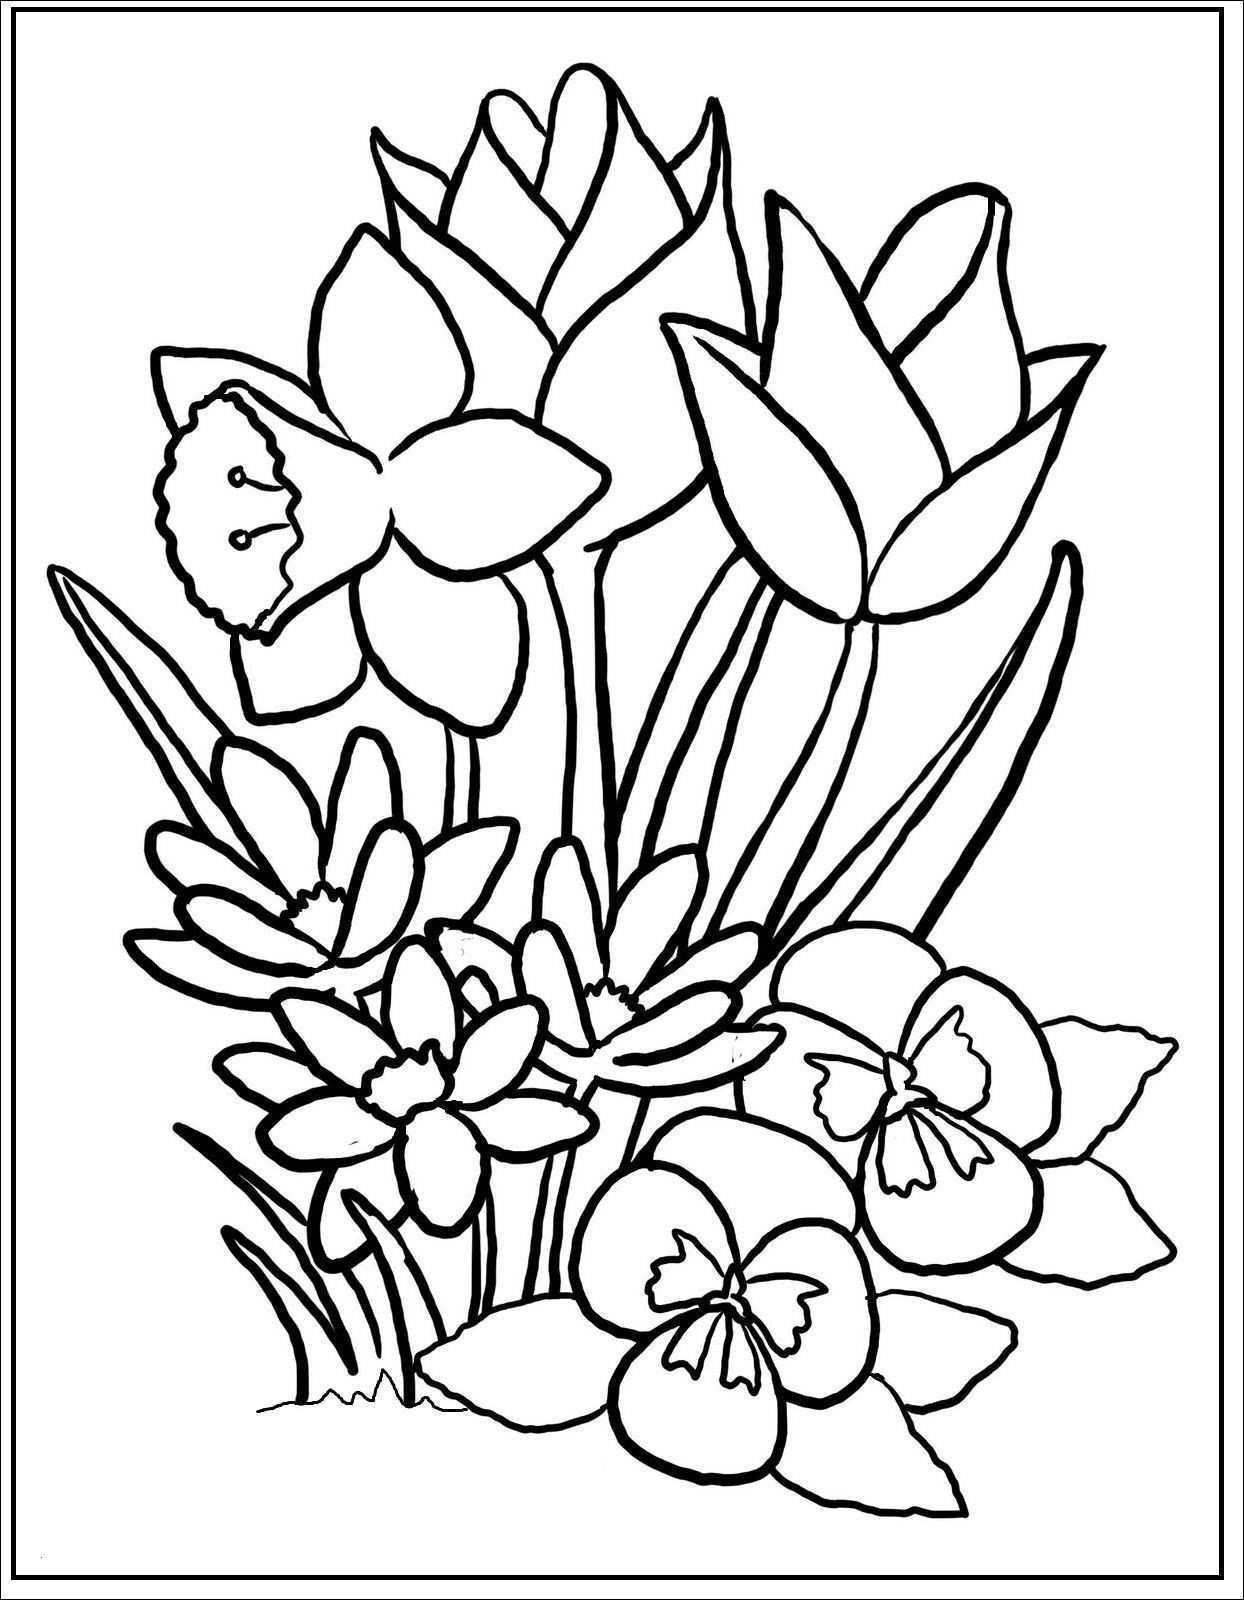 Malvorlagen Blumen Ranken Kostenlos Das Beste Von Malvorlagen Blumen Ranken Aufnahme 43 Gratis Malvorlagen Blumen Fotos